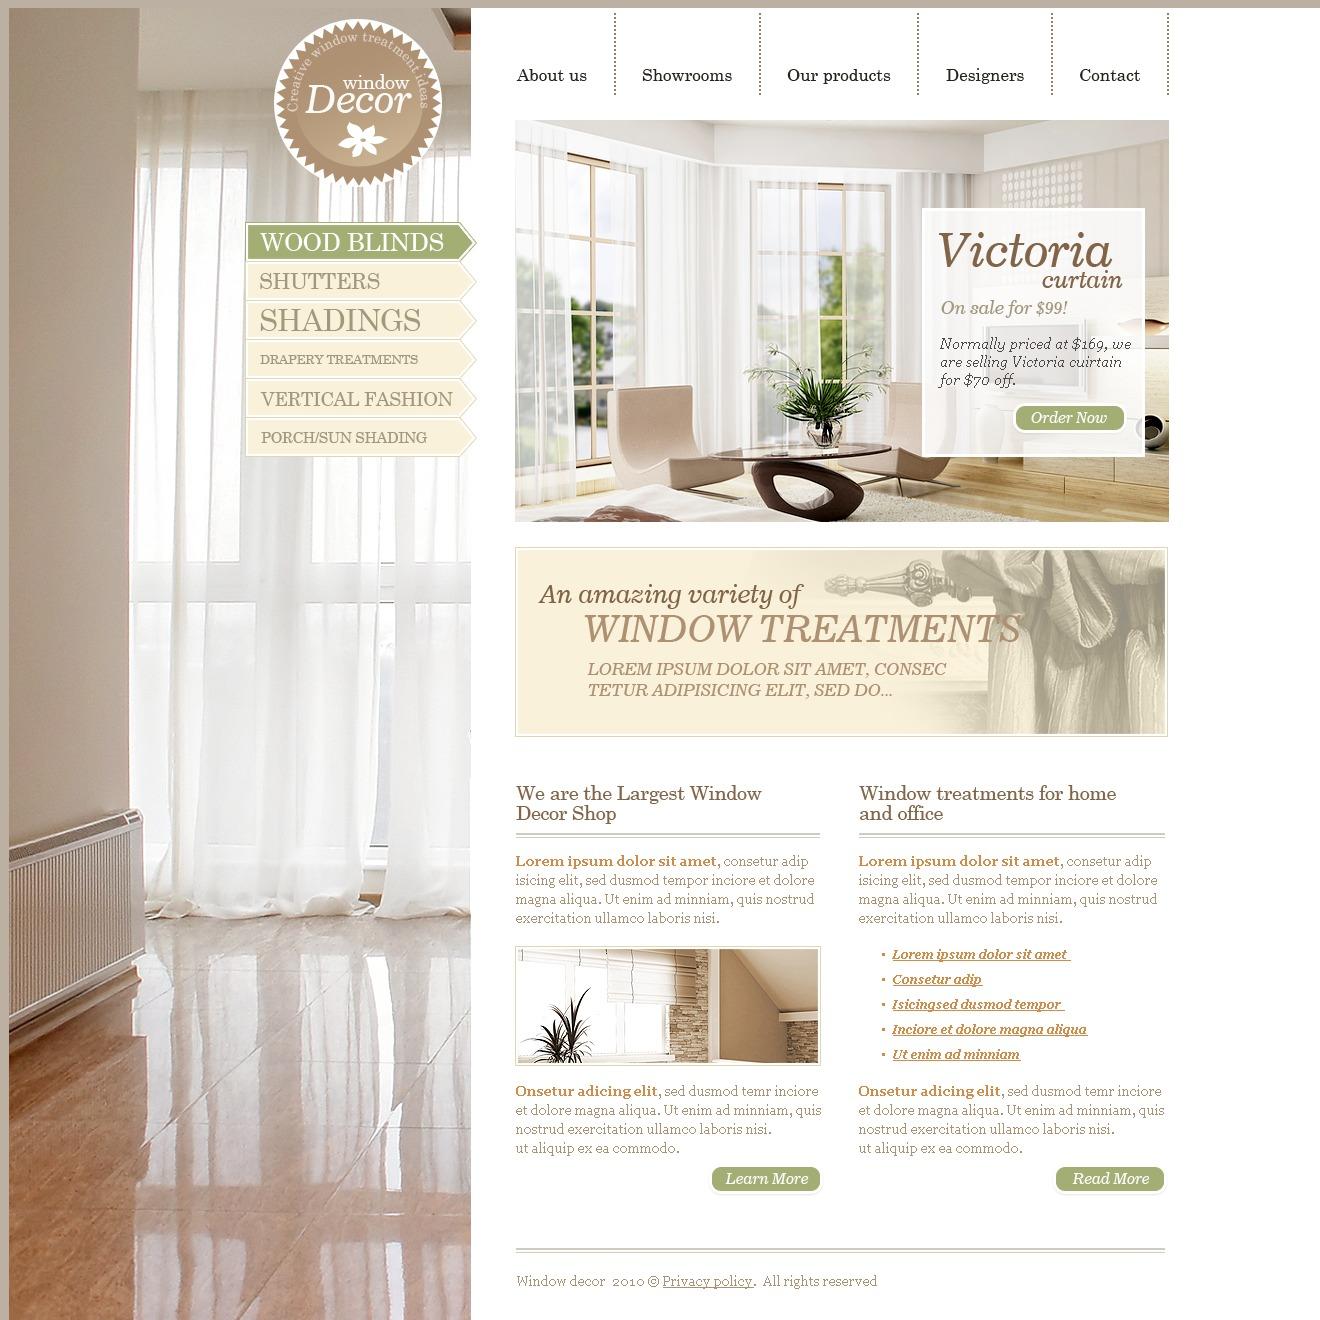 窗口装修网站PSD模板 #28480